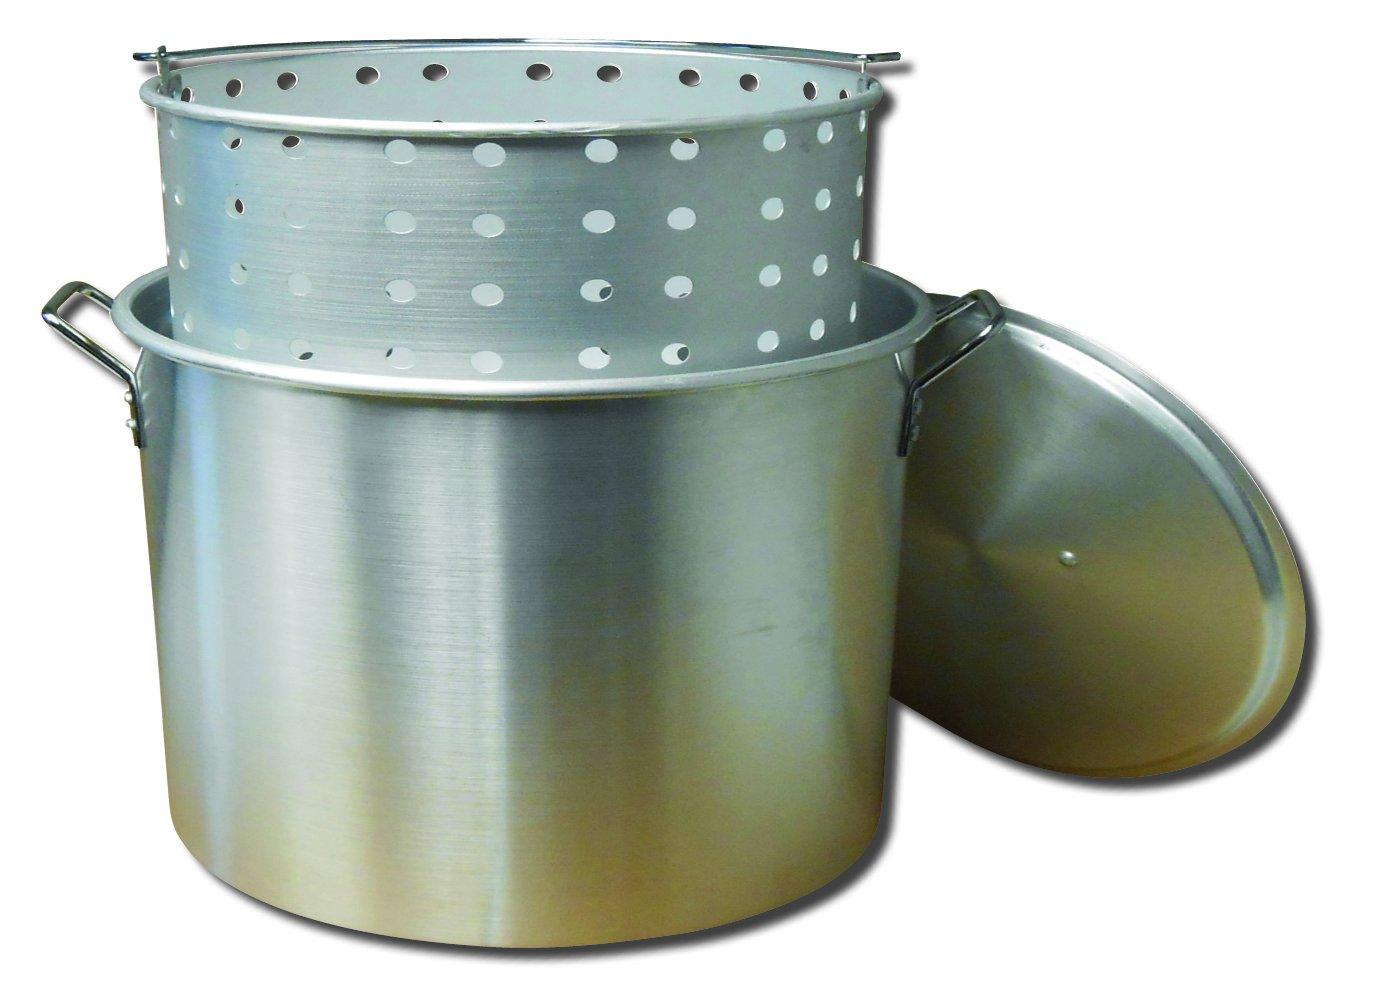 King Kooker KK32 32-Quart Aluminum Boiling Pot with Punched Basket